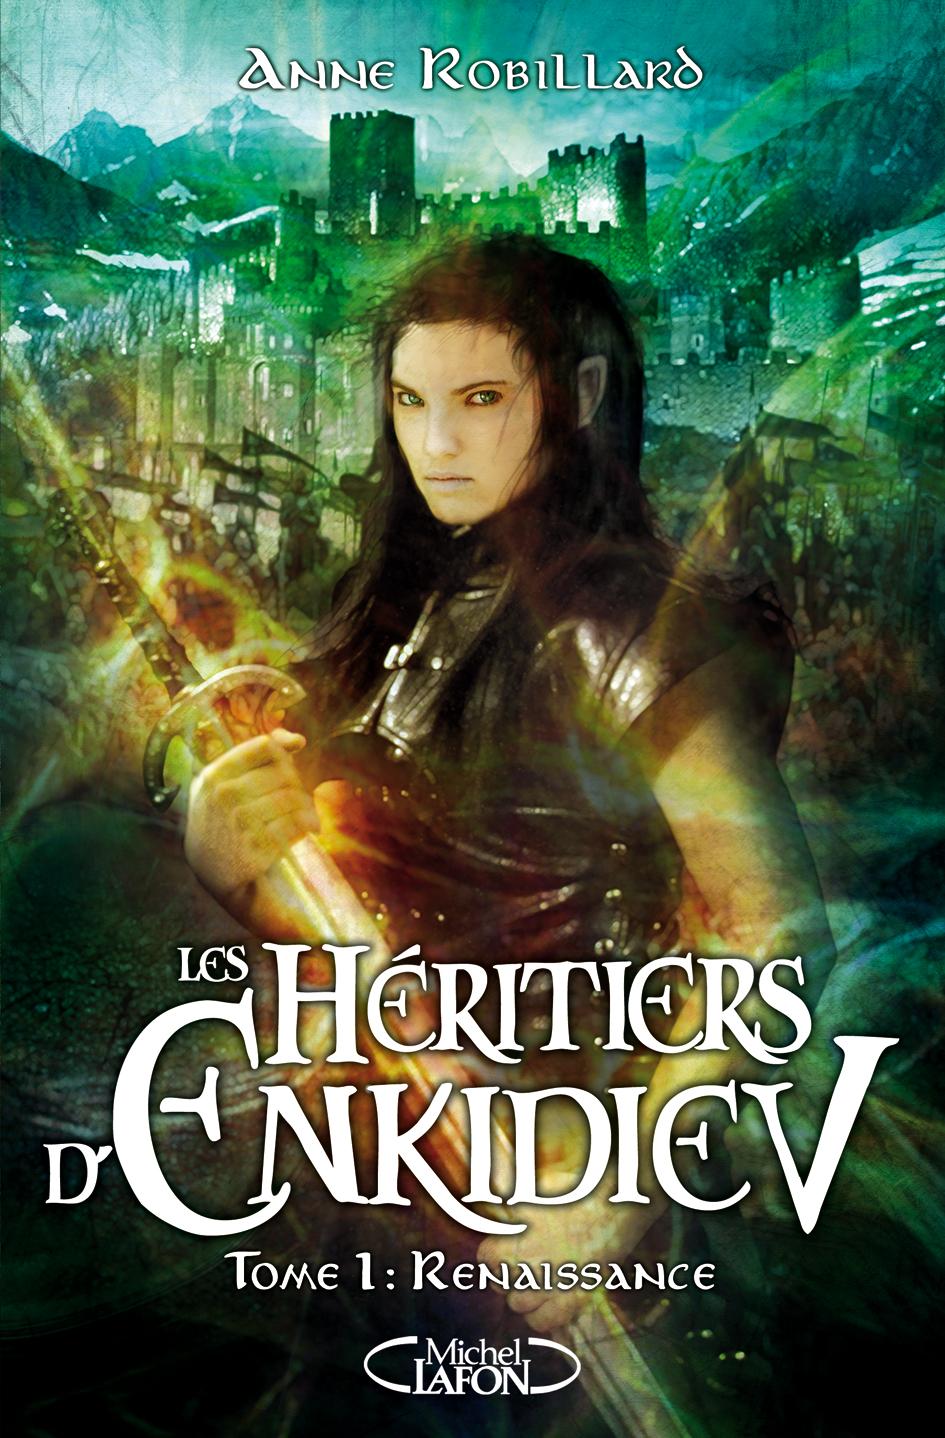 Les héritiers d'Enkidiev – tome 1